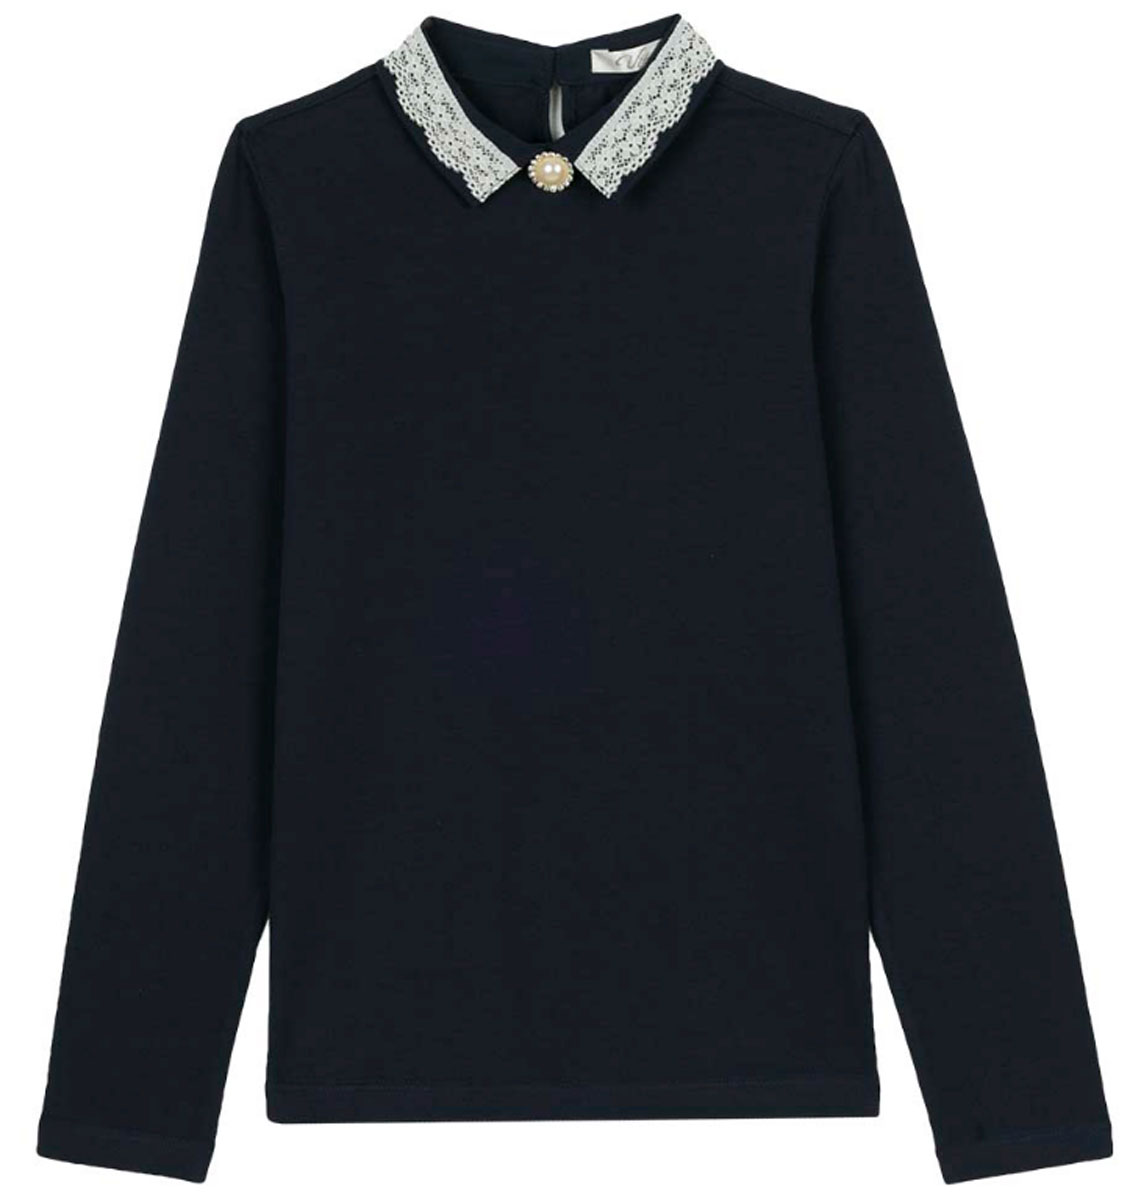 Блузка для девочки Vitacci, цвет: синий. 2173204-04. Размер 1342173204-04Школьная блузка для девочки от Vitacci выполнена из эластичного хлопкового трикотажа. Модель с длинными рукавами и отложным ажурным воротничком на спинке застегивается на пуговицы.